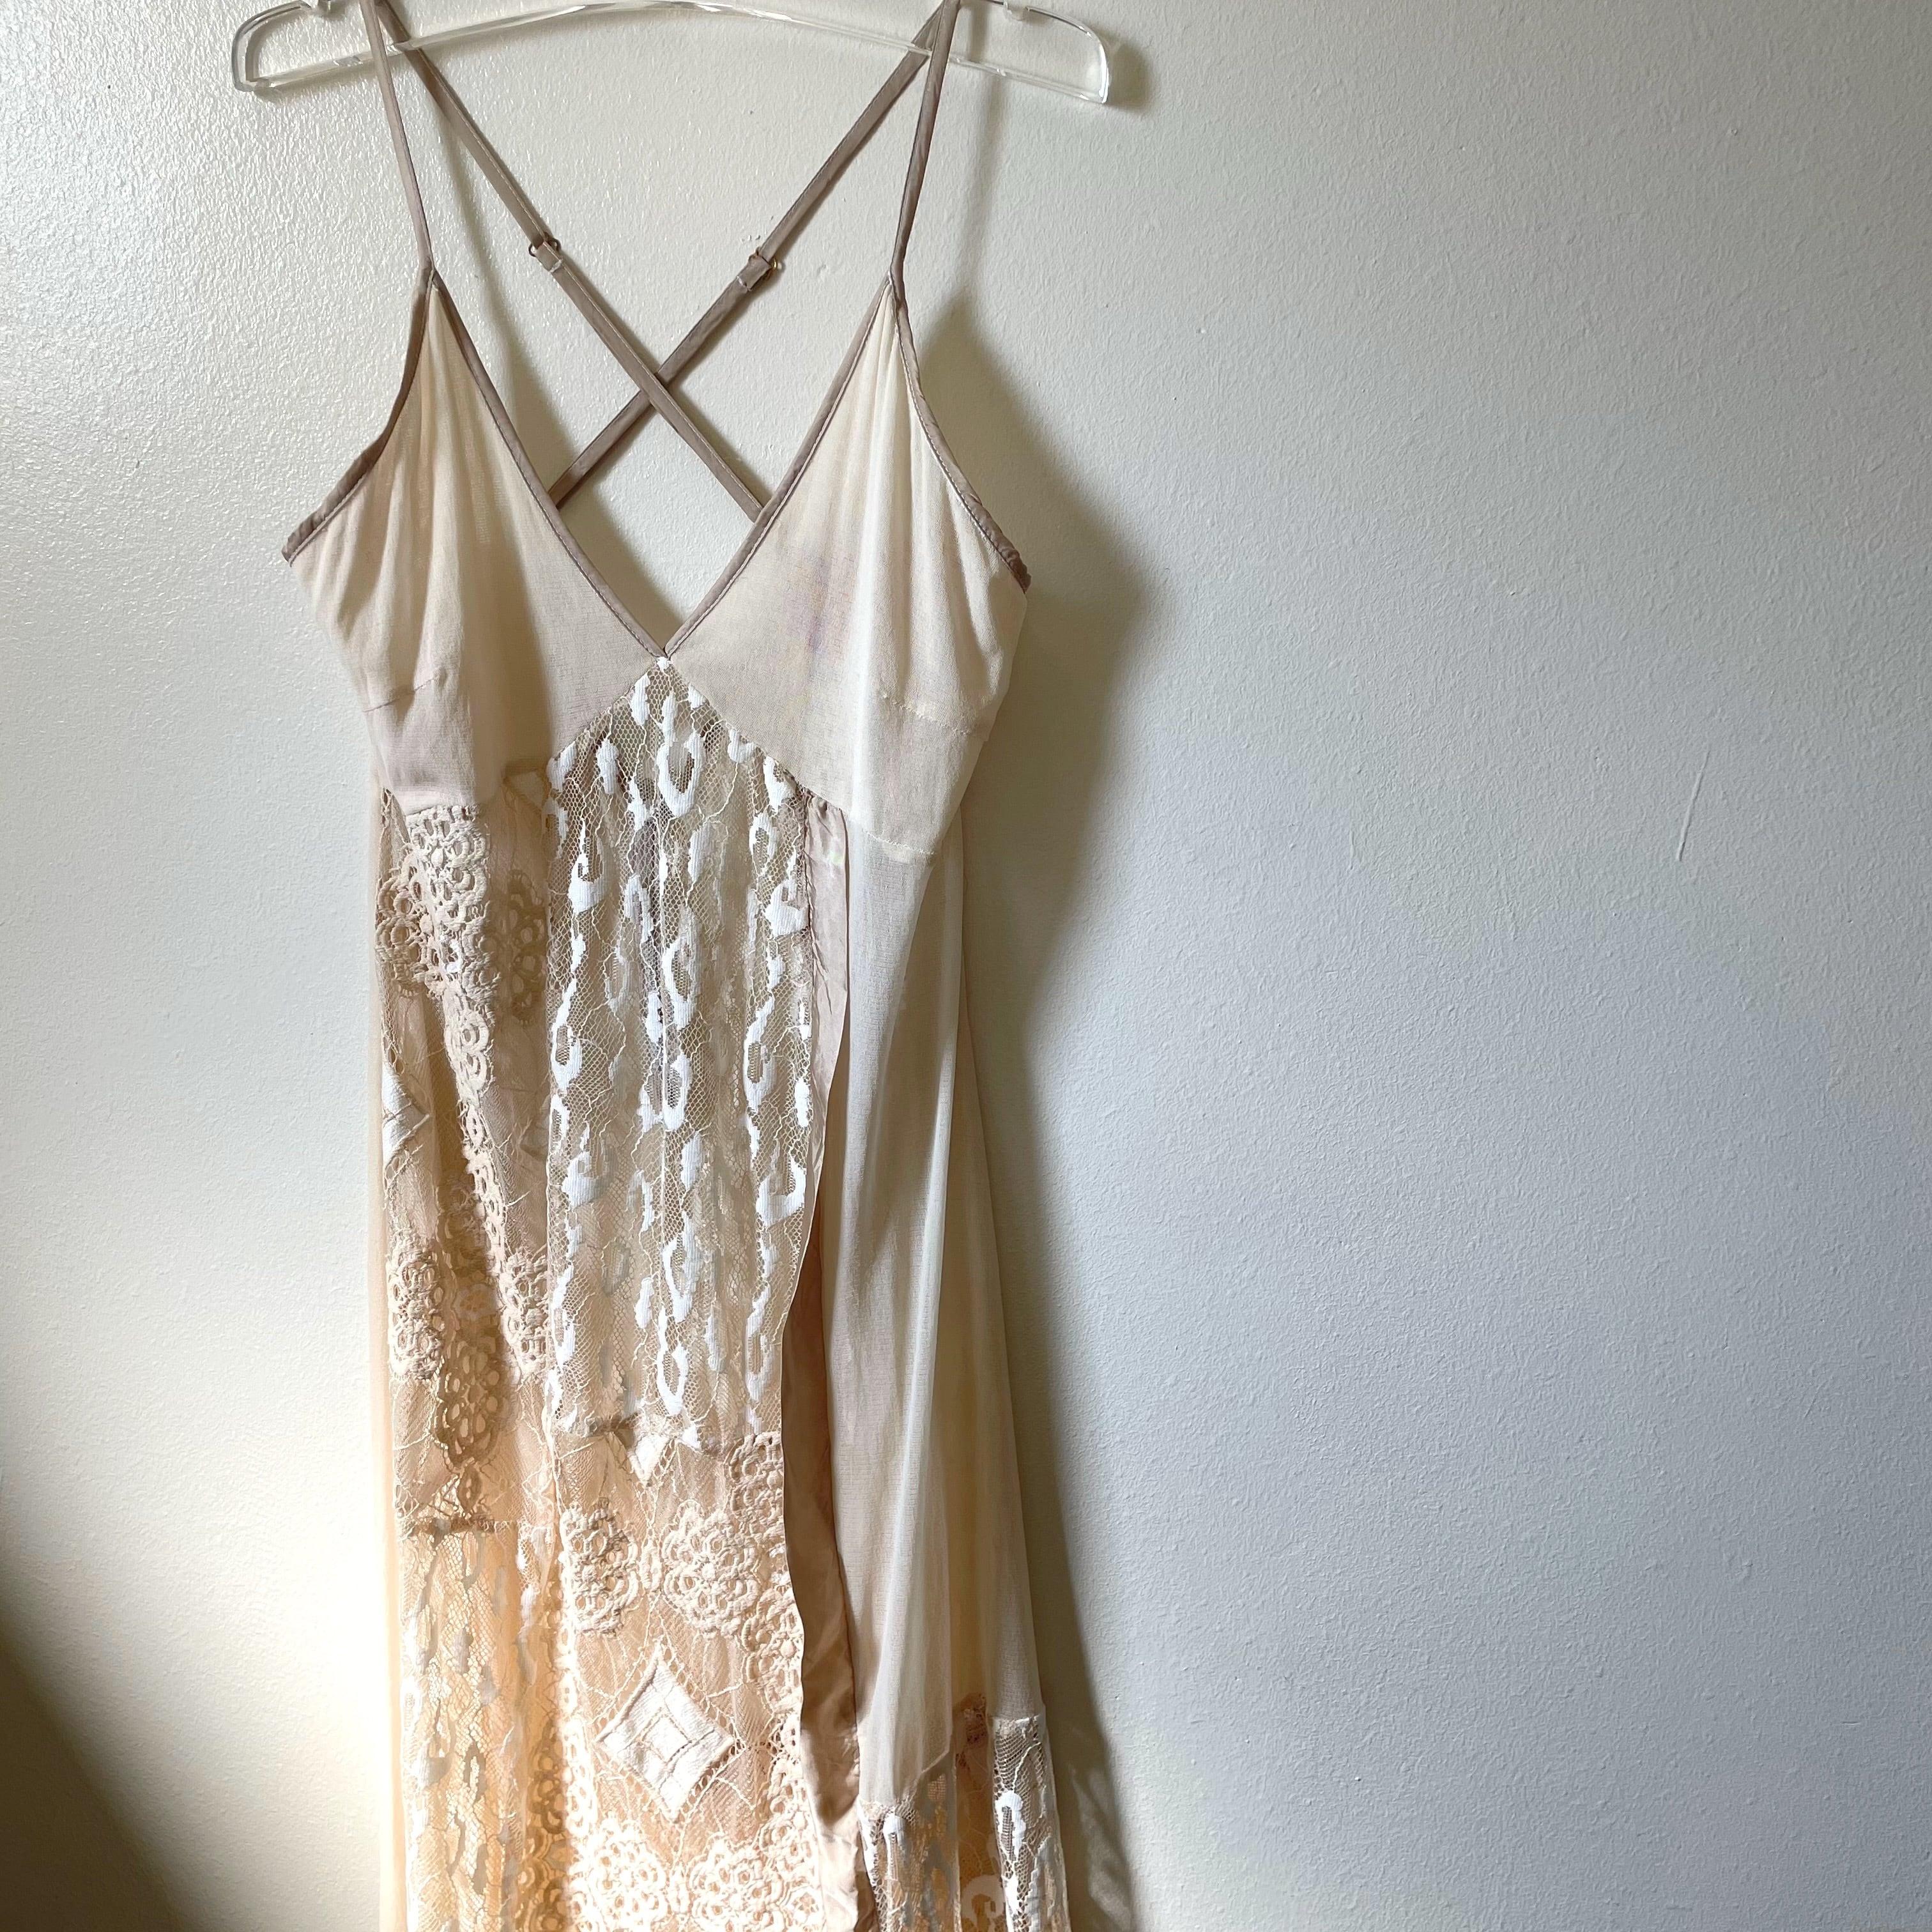 【RehersalL】lace camisole dress (v.beige)/【リハーズオール】レース キャミソール ドレス(ベージュ)